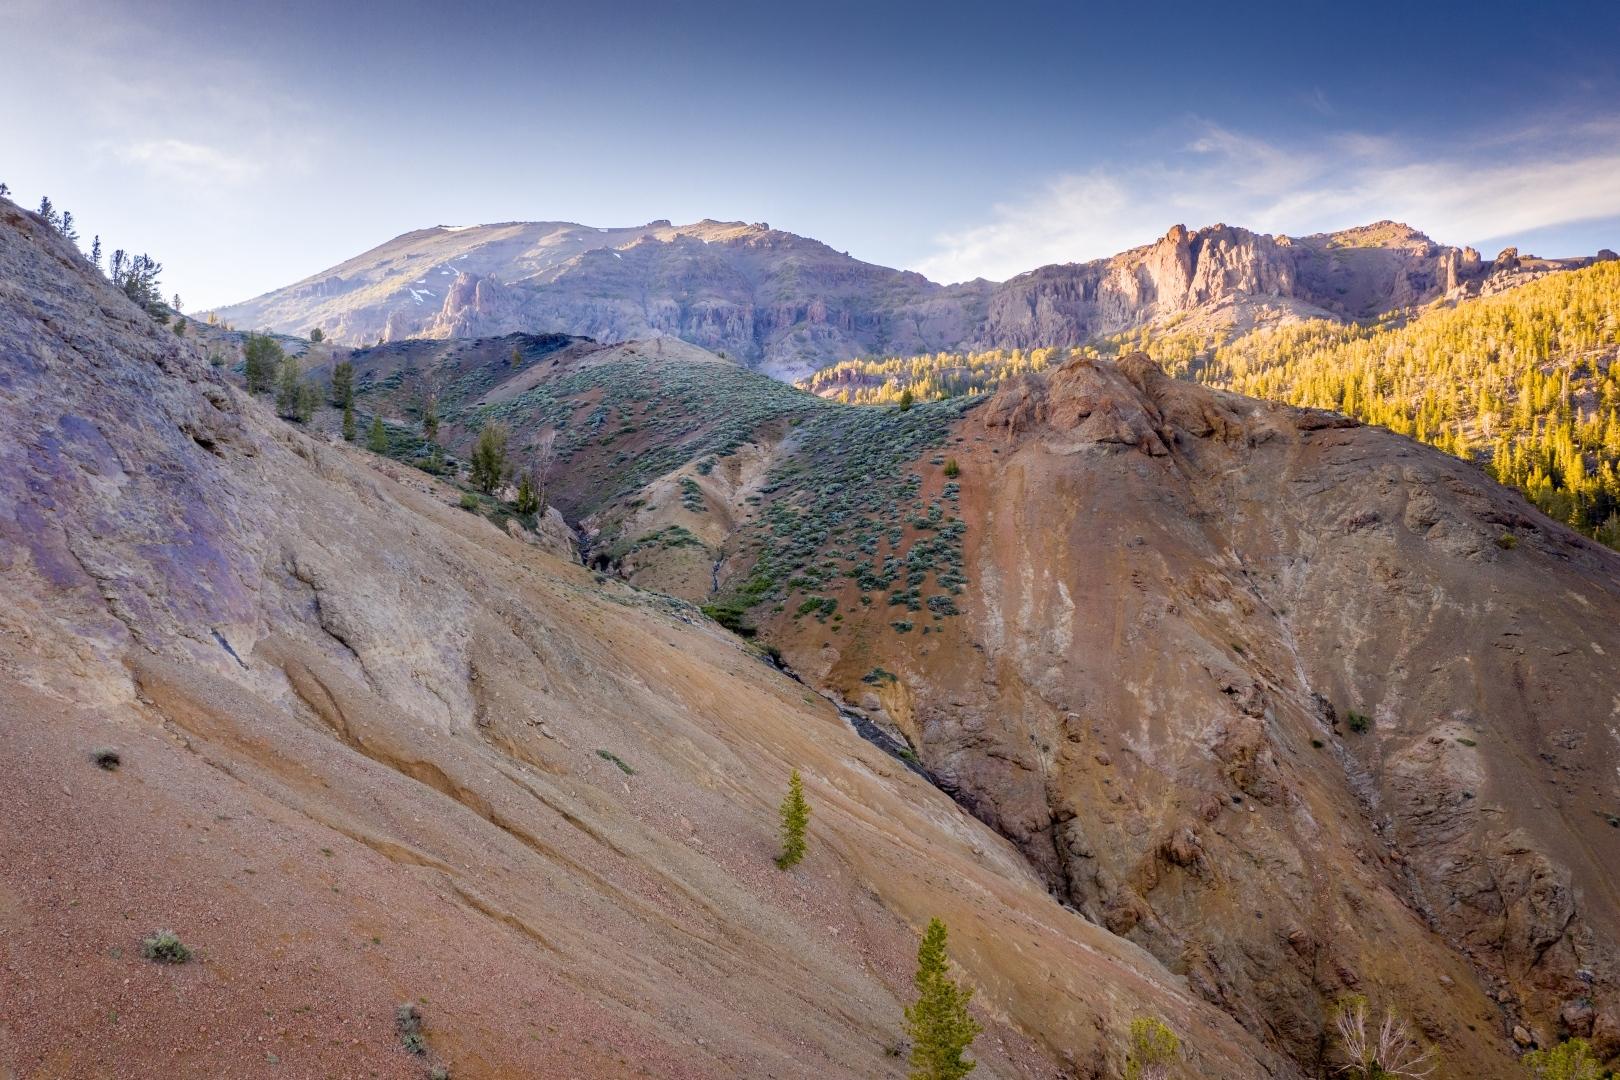 Evening-Light-on-High-Sierra-Sonora-Pass-DJI_0469-HDR